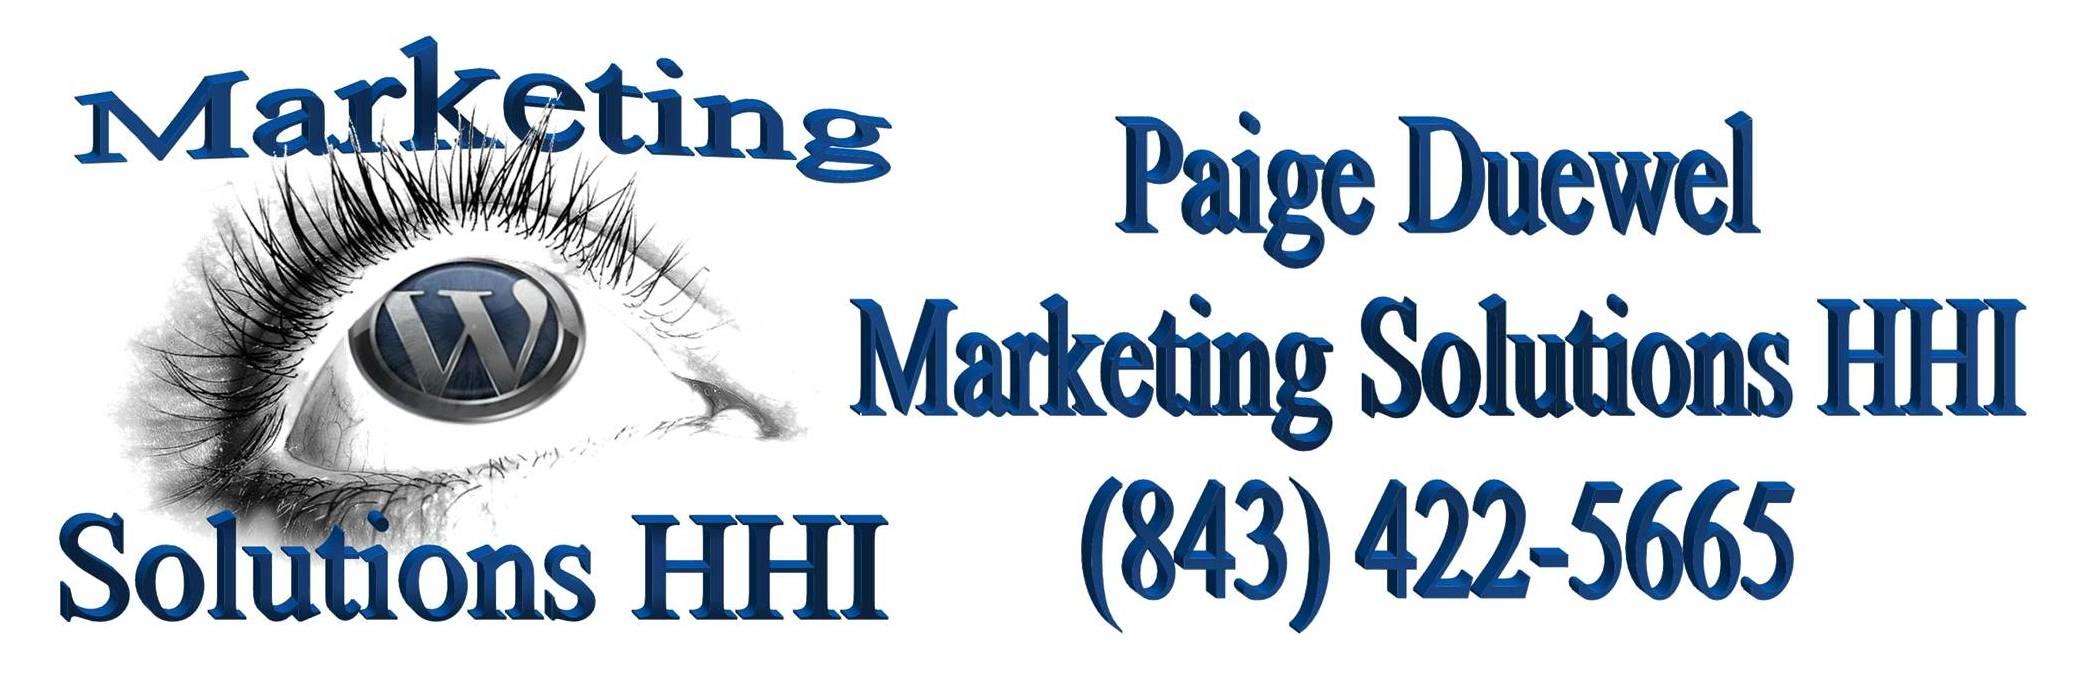 Marketing Solutions website design, social media marketing, Google, Bing